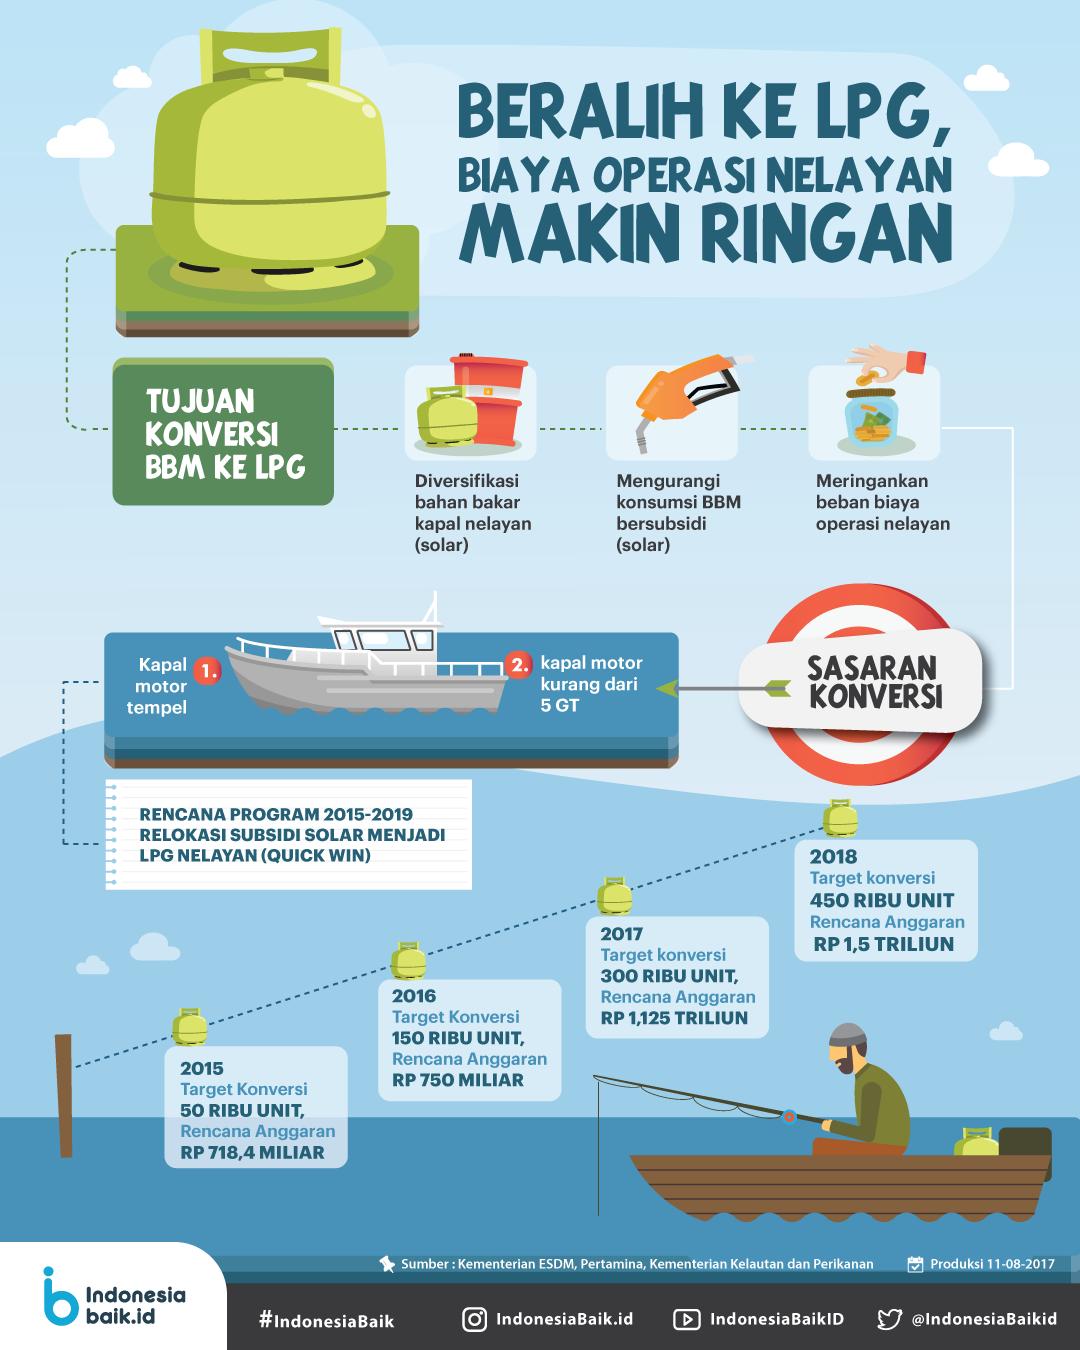 Beralih ke LPG, Biaya operasi nelayan makin ringan